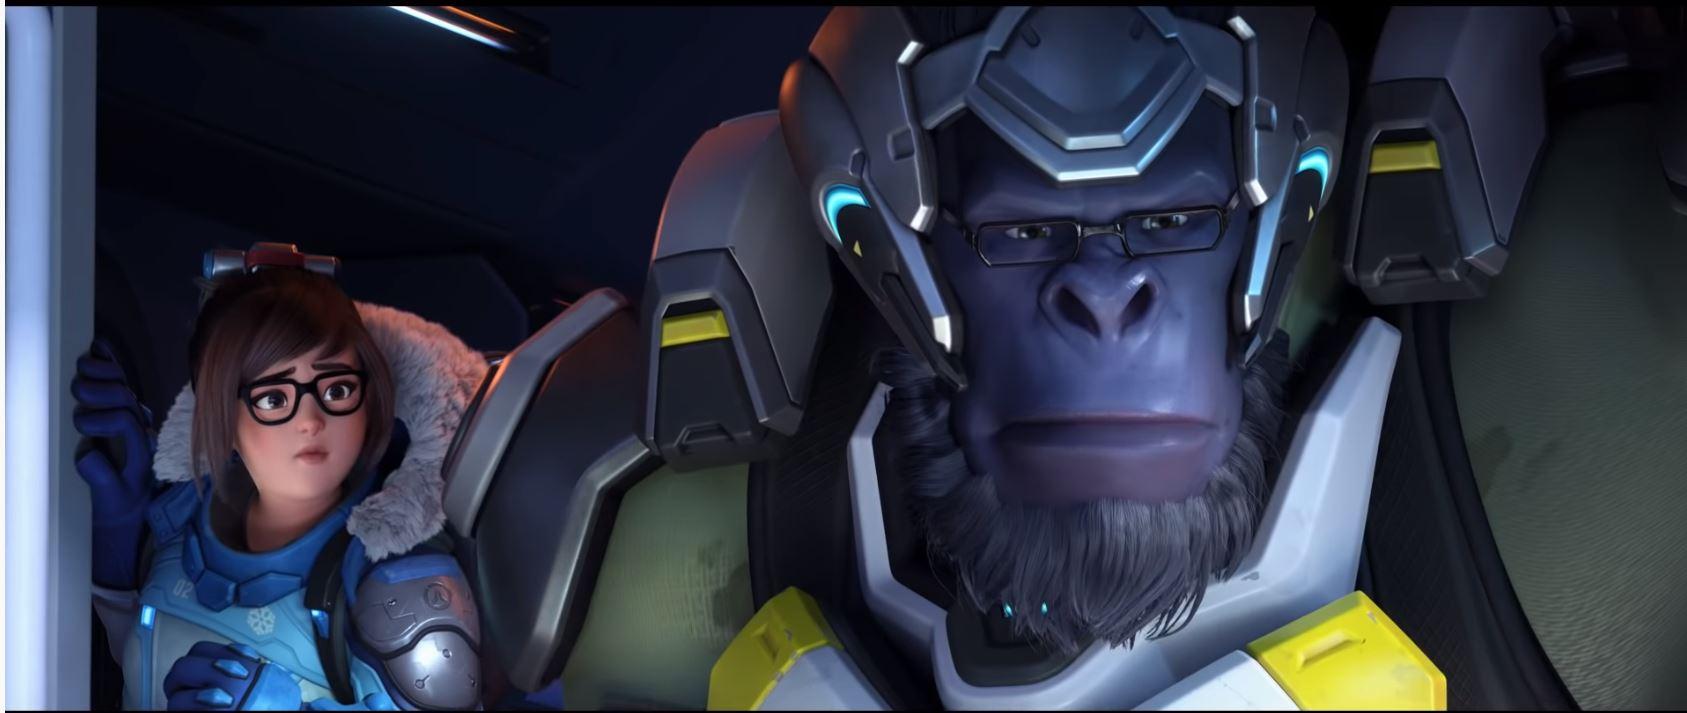 Nach Ninja verliert Twitch nun auch Overwatch und Activision Blizzard